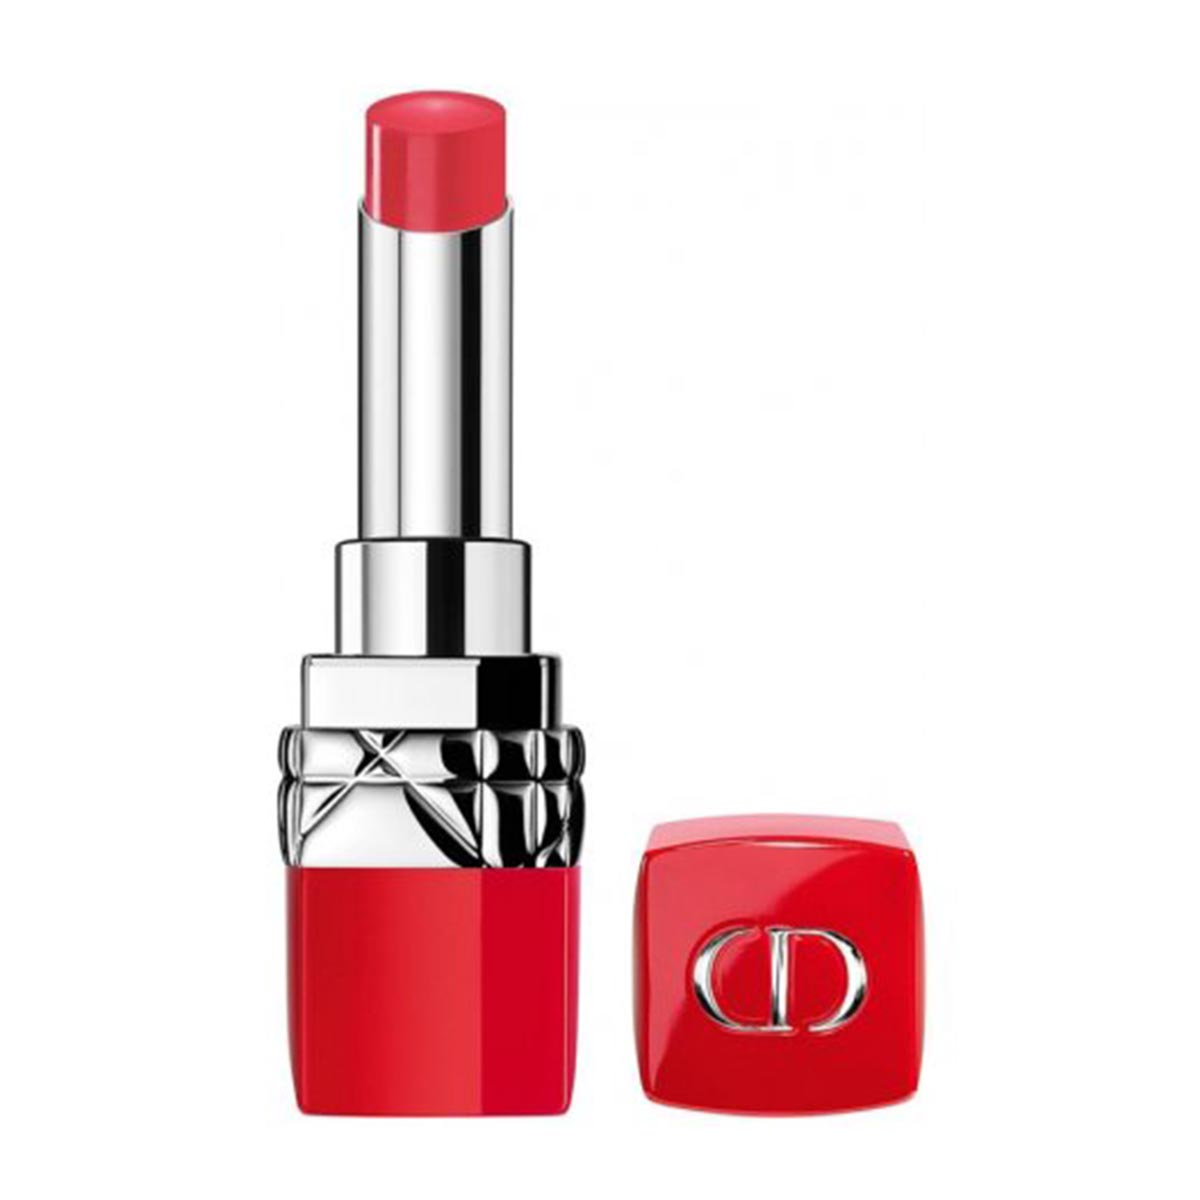 Dior rouge dior ultra lipstick 555